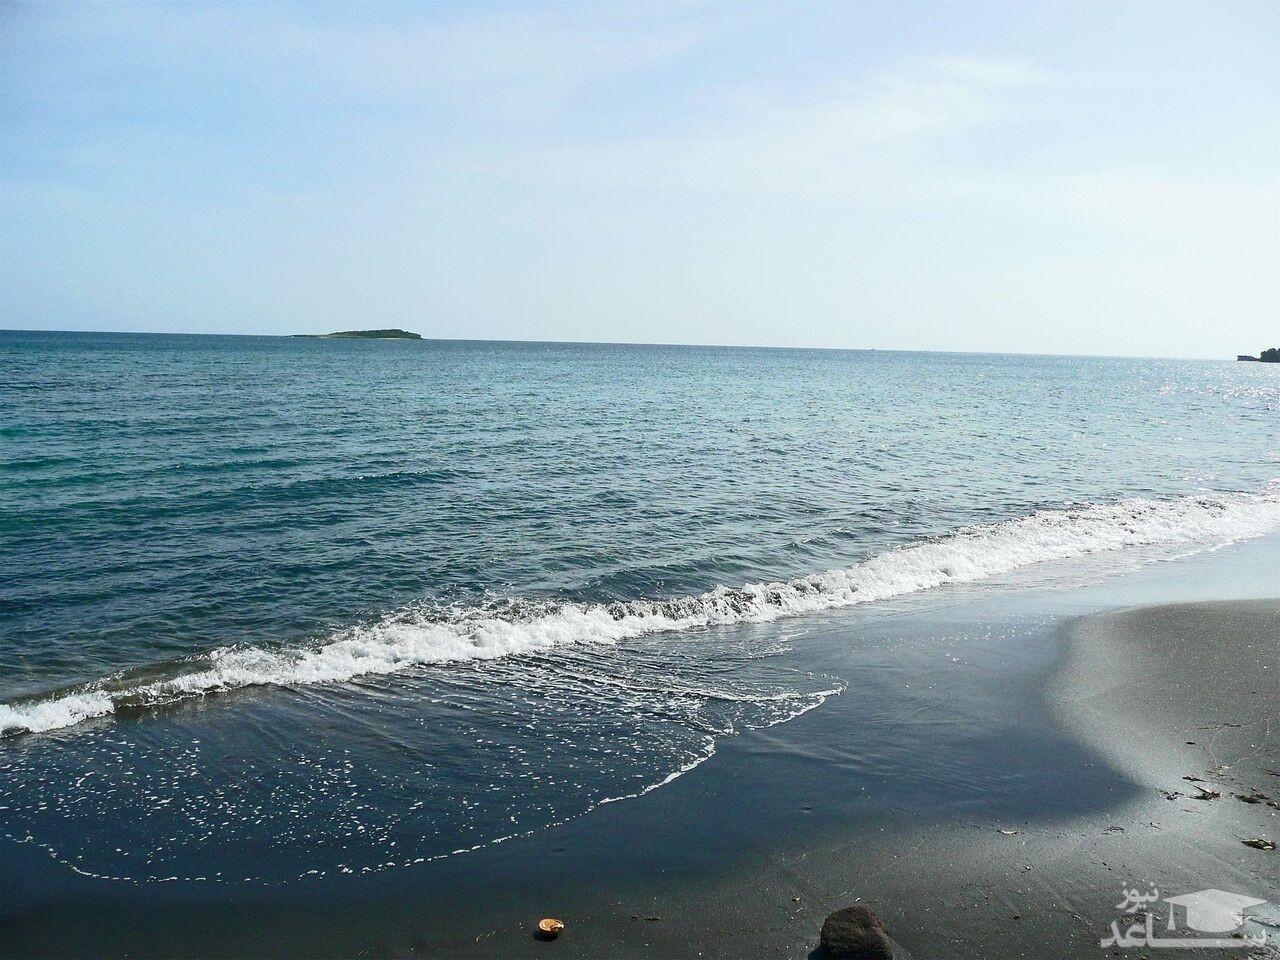 هیولای دریای خزر پس از 40 سال از دریا بیرون آمد ! + فیلم باورنکردنی